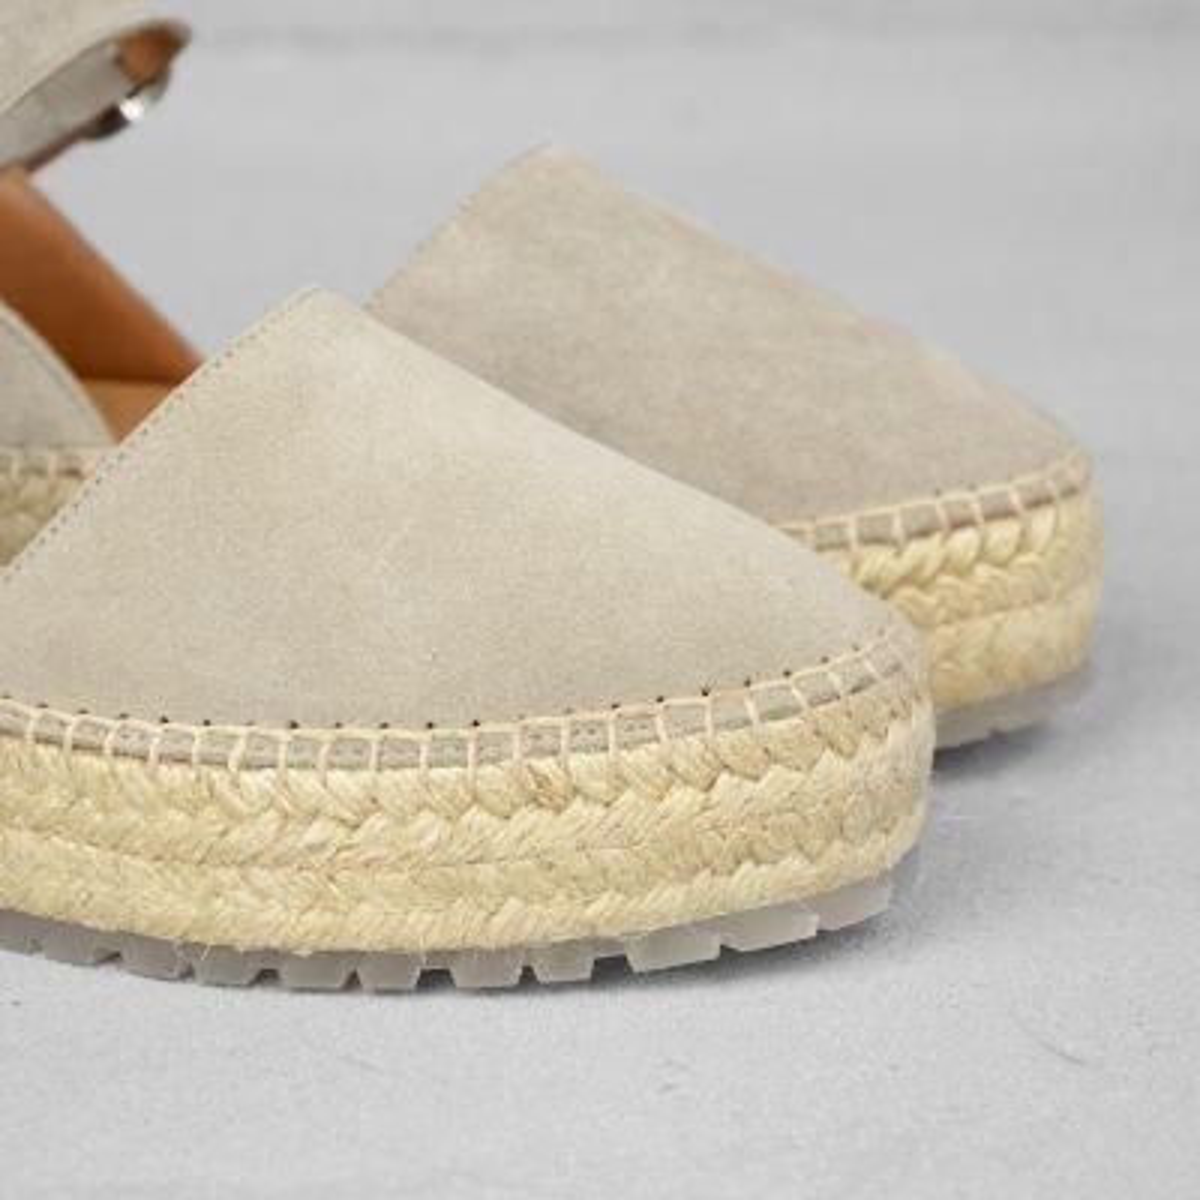 Espadrille-loafer-suède-beige